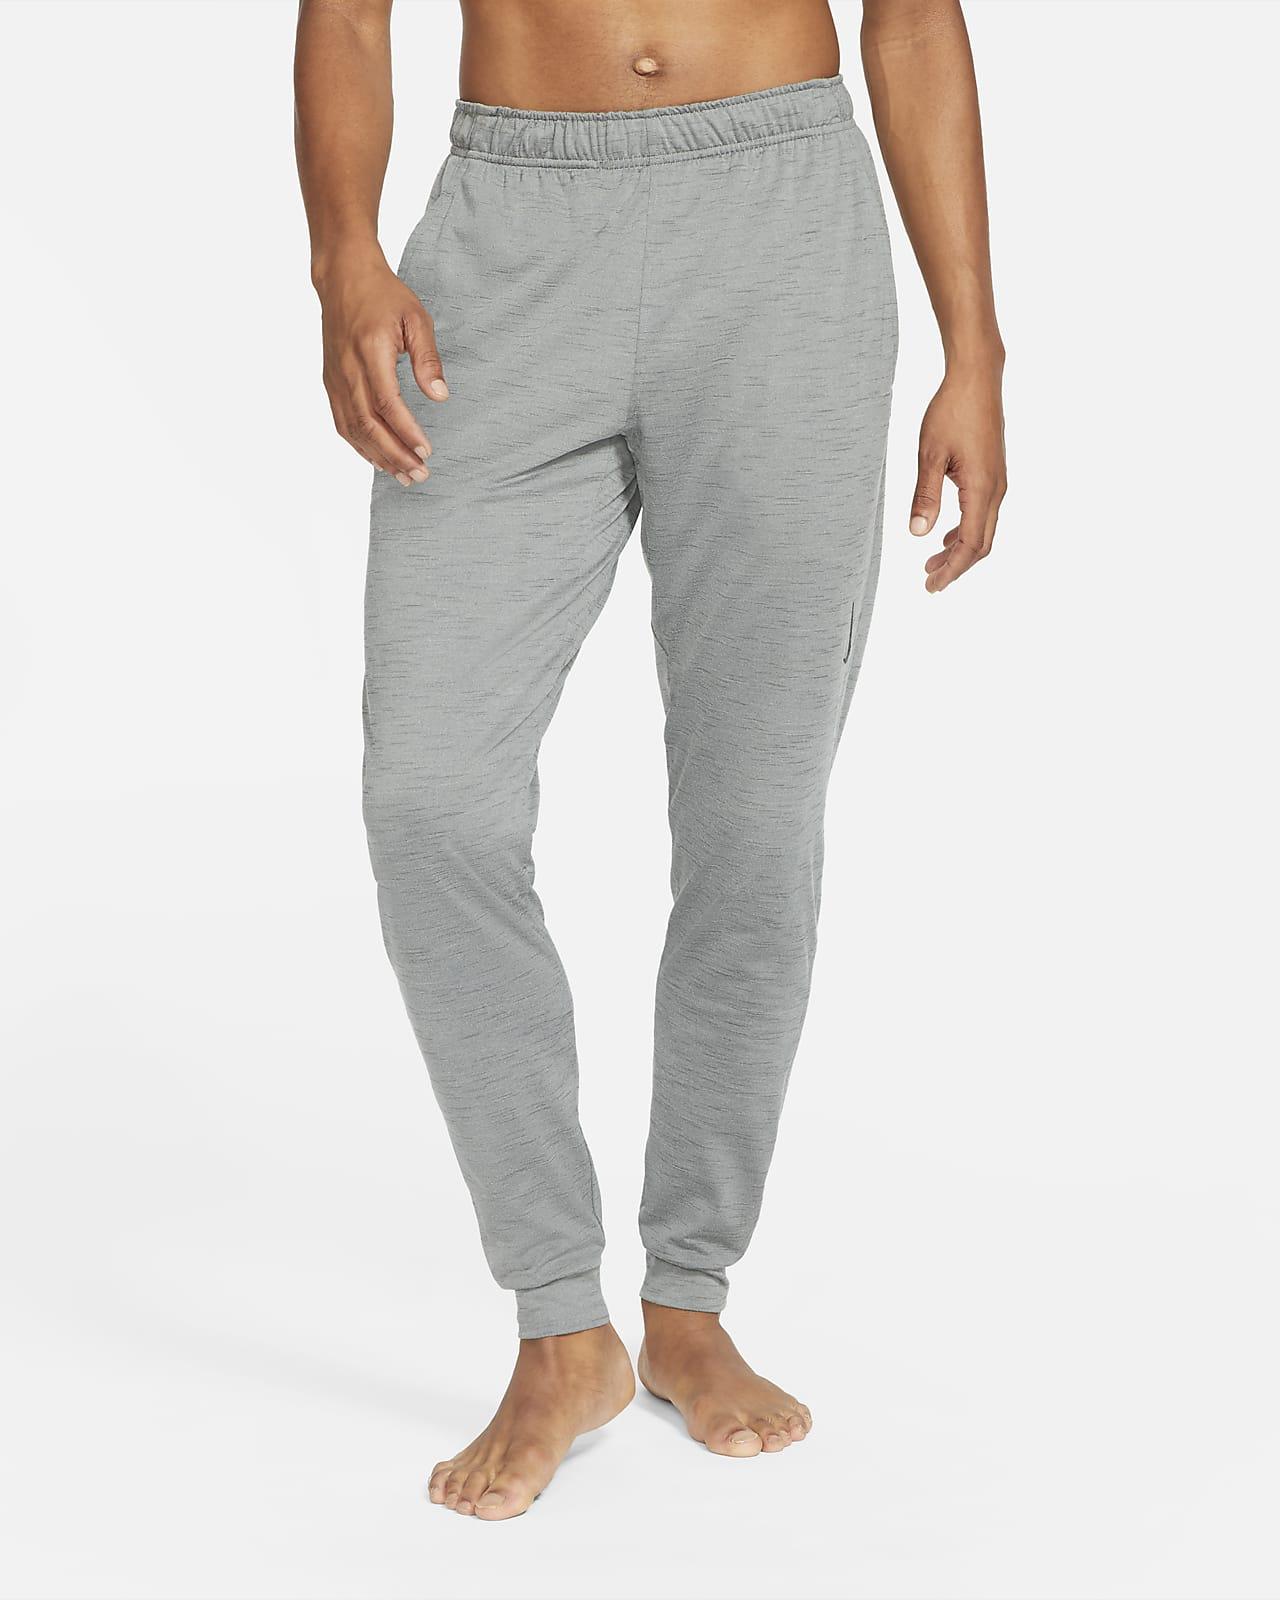 Pantaloni Nike Yoga Dri-FIT - Uomo